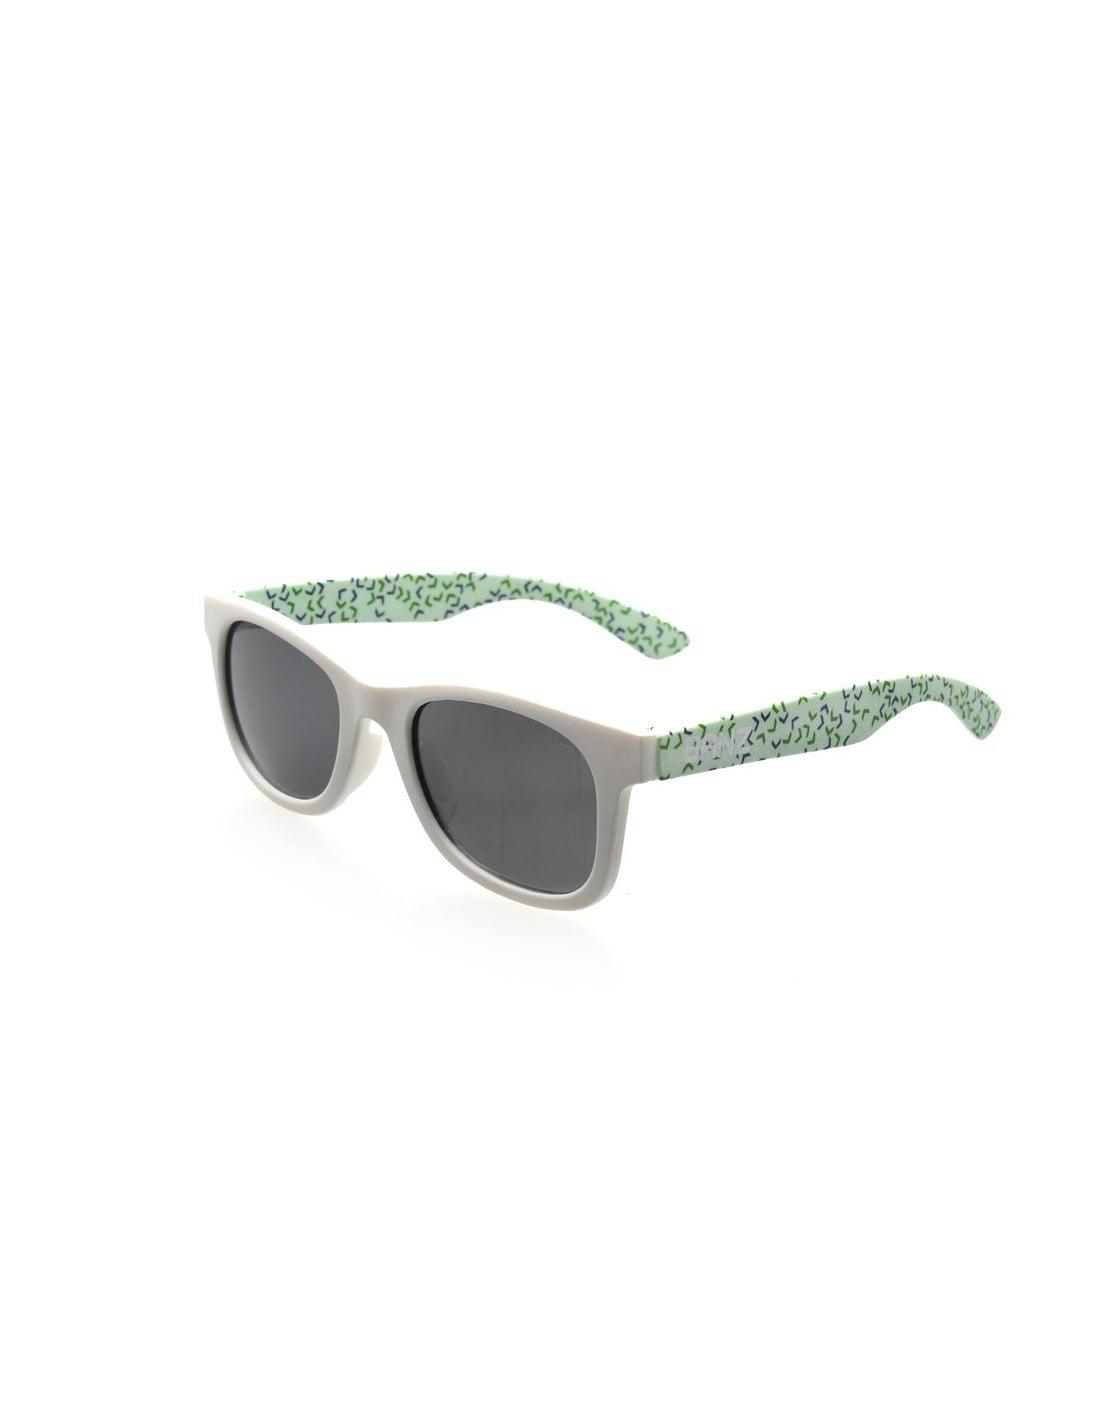 Ochelari de soare 0-2 ani J-Banz Beachcomber Green Confetti